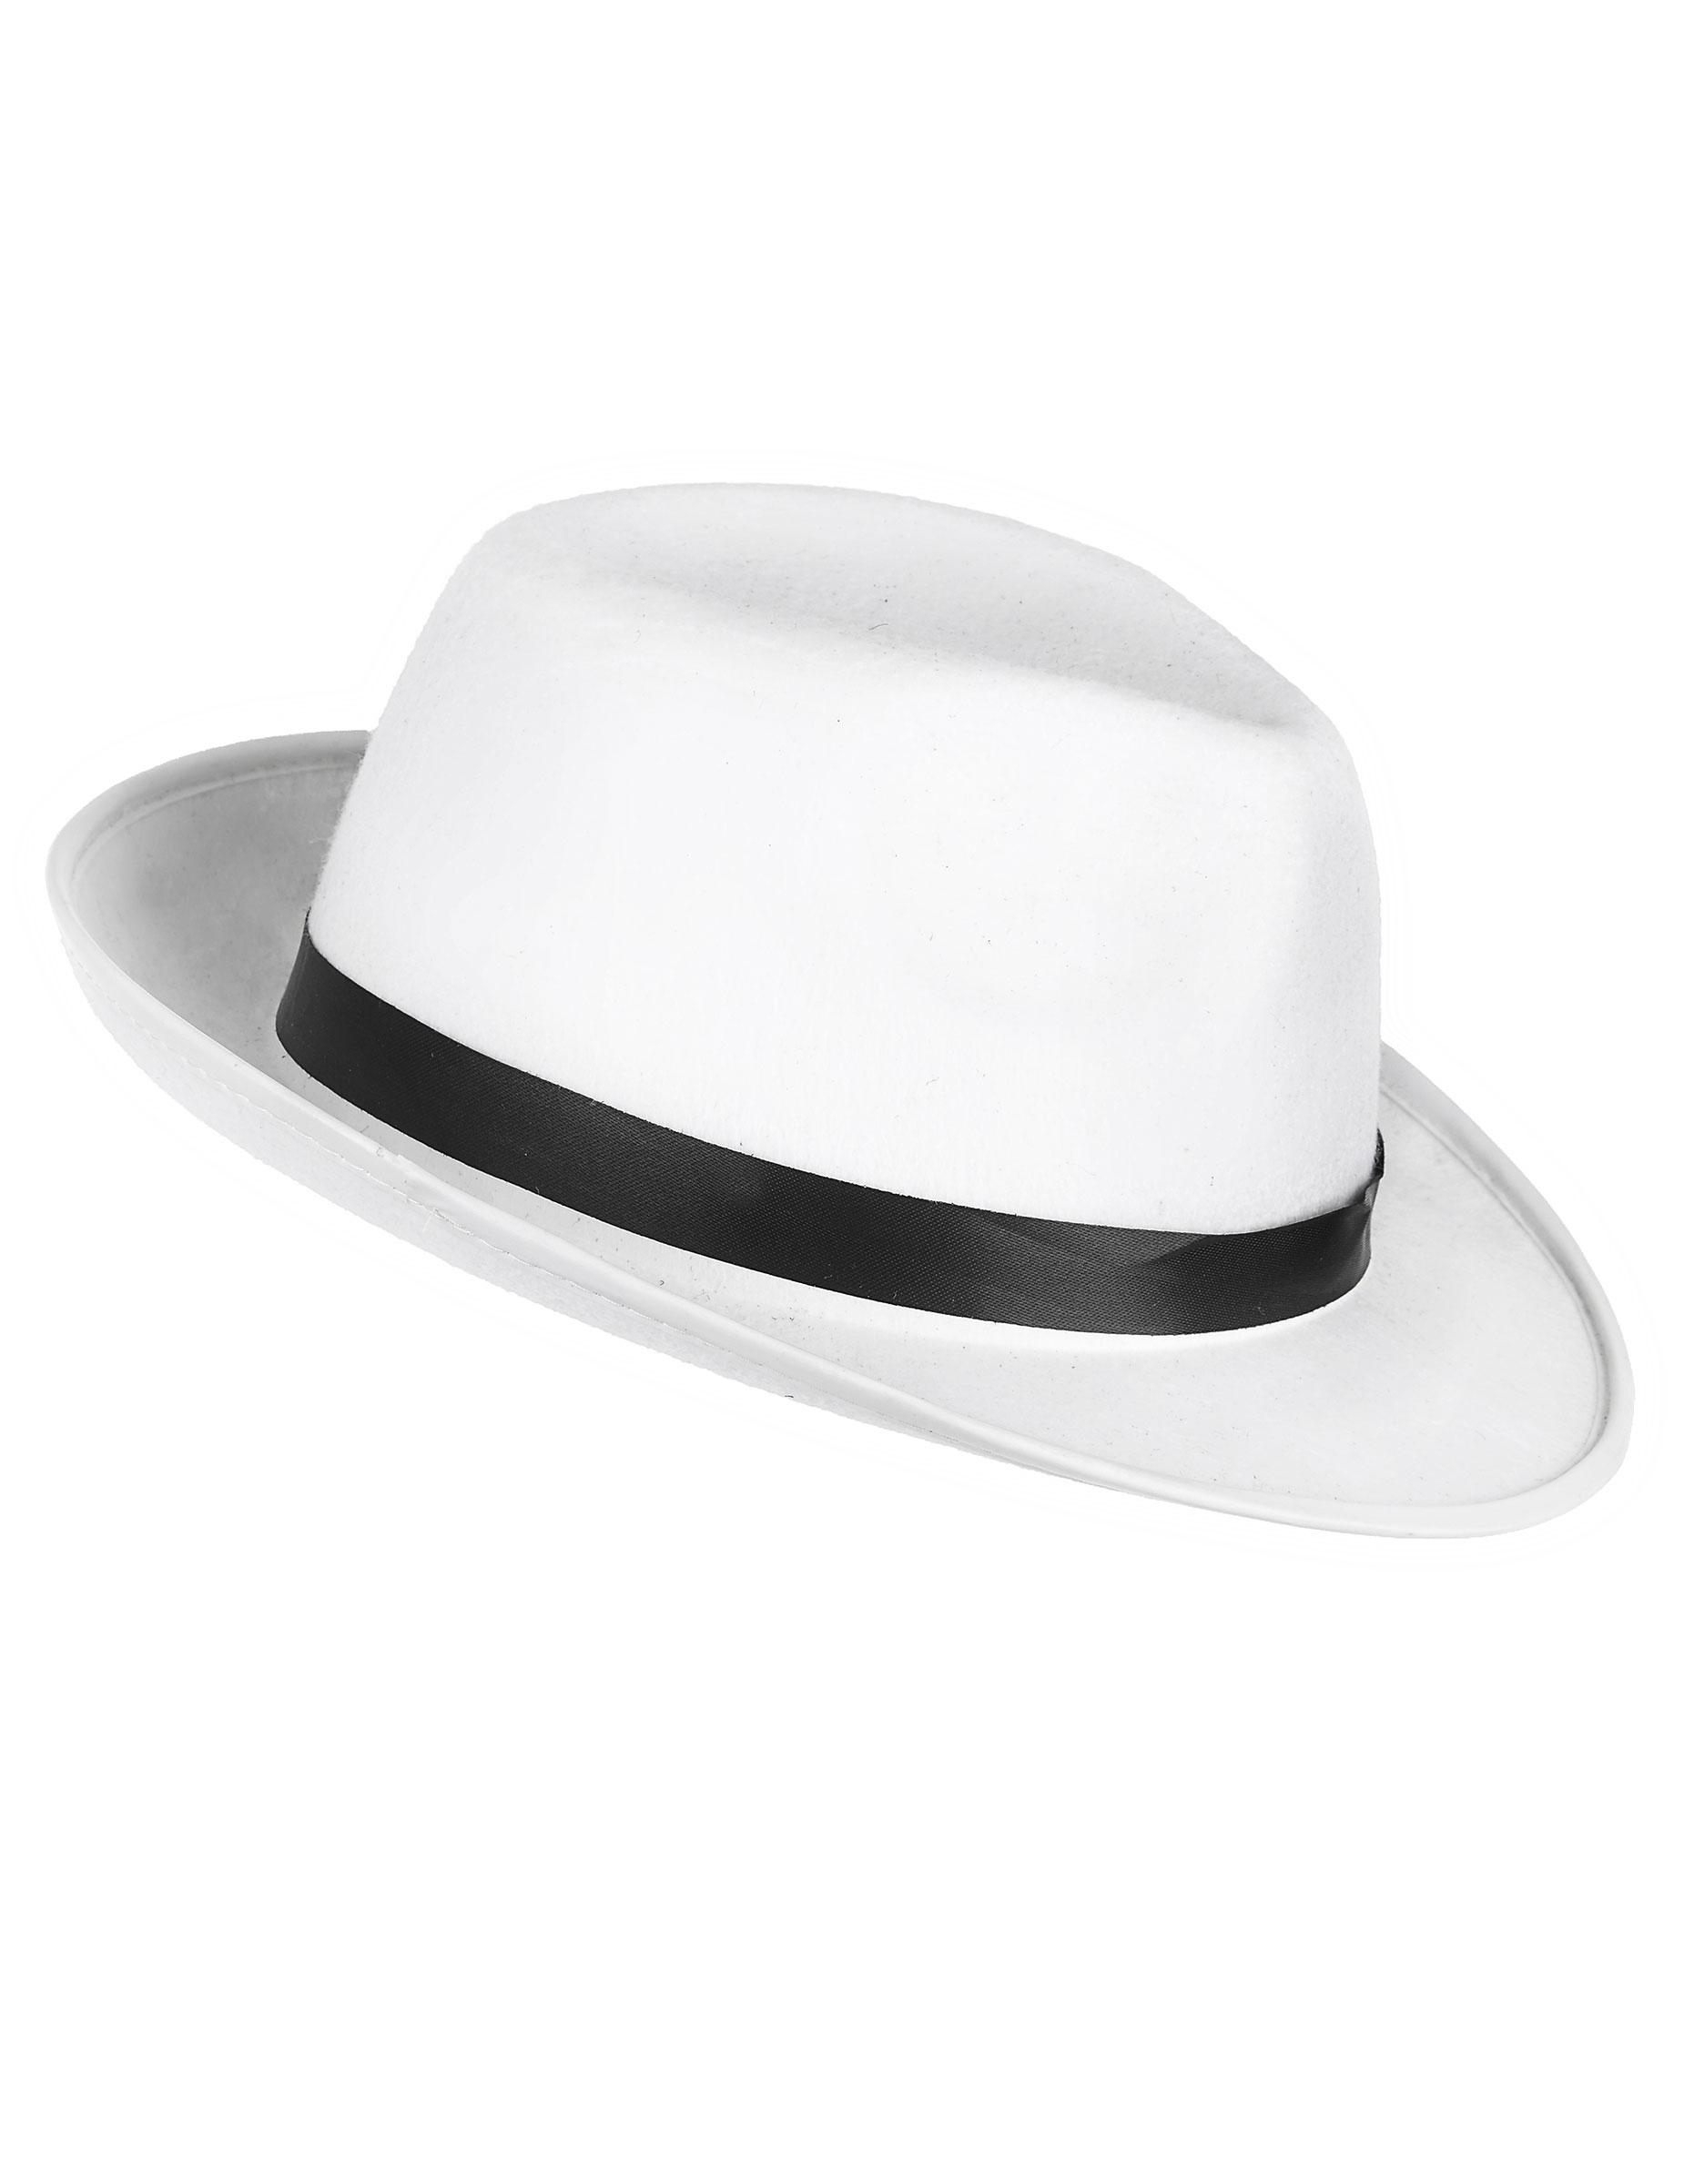 Venta online de sombreros chic para tus fiestas de disfraces - Vegaoo.es a18606febcef